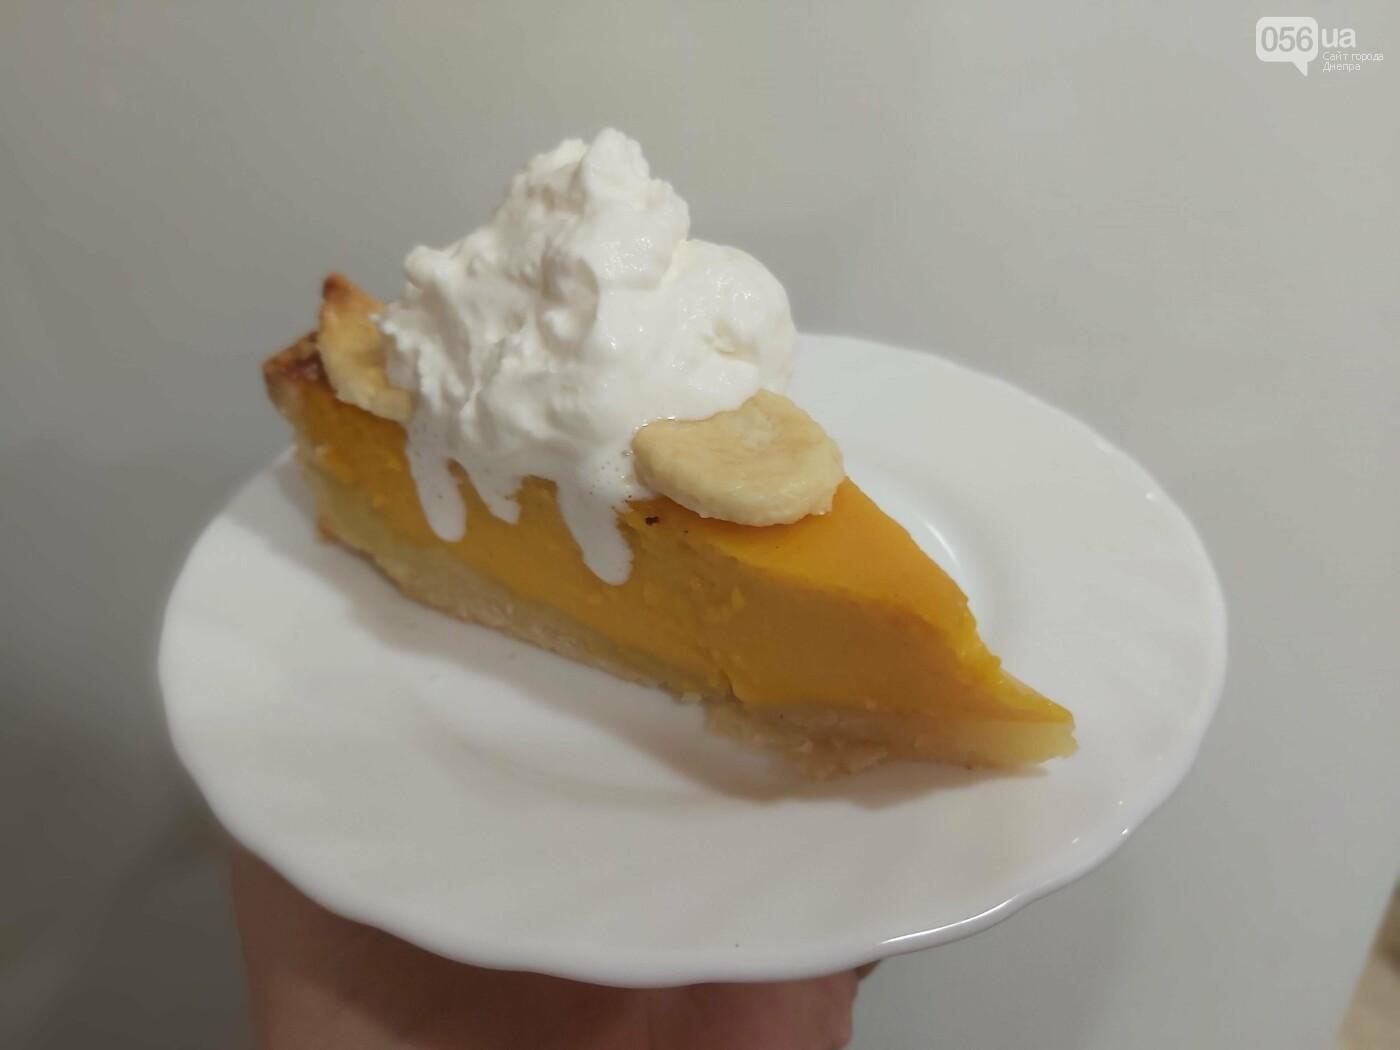 Американский тыквенный пирог: рецепт вкусного десерта от 056, фото-18